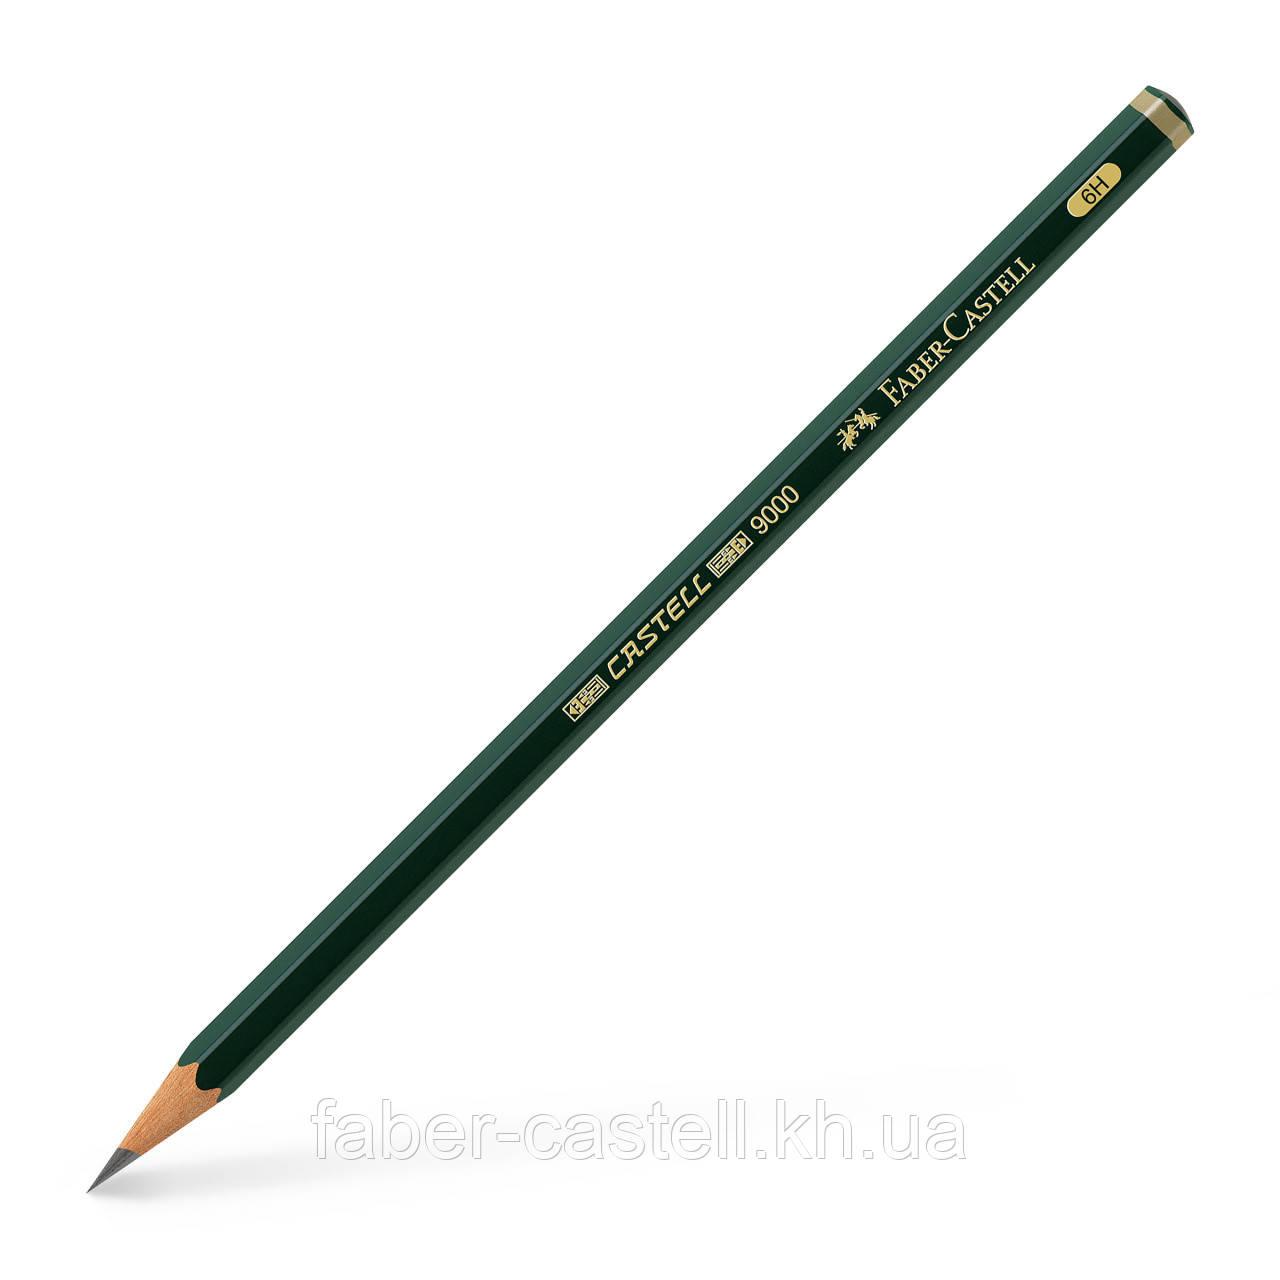 Олівець чорнографітний Faber-Castell CASTELL® 9000 6H, 119016